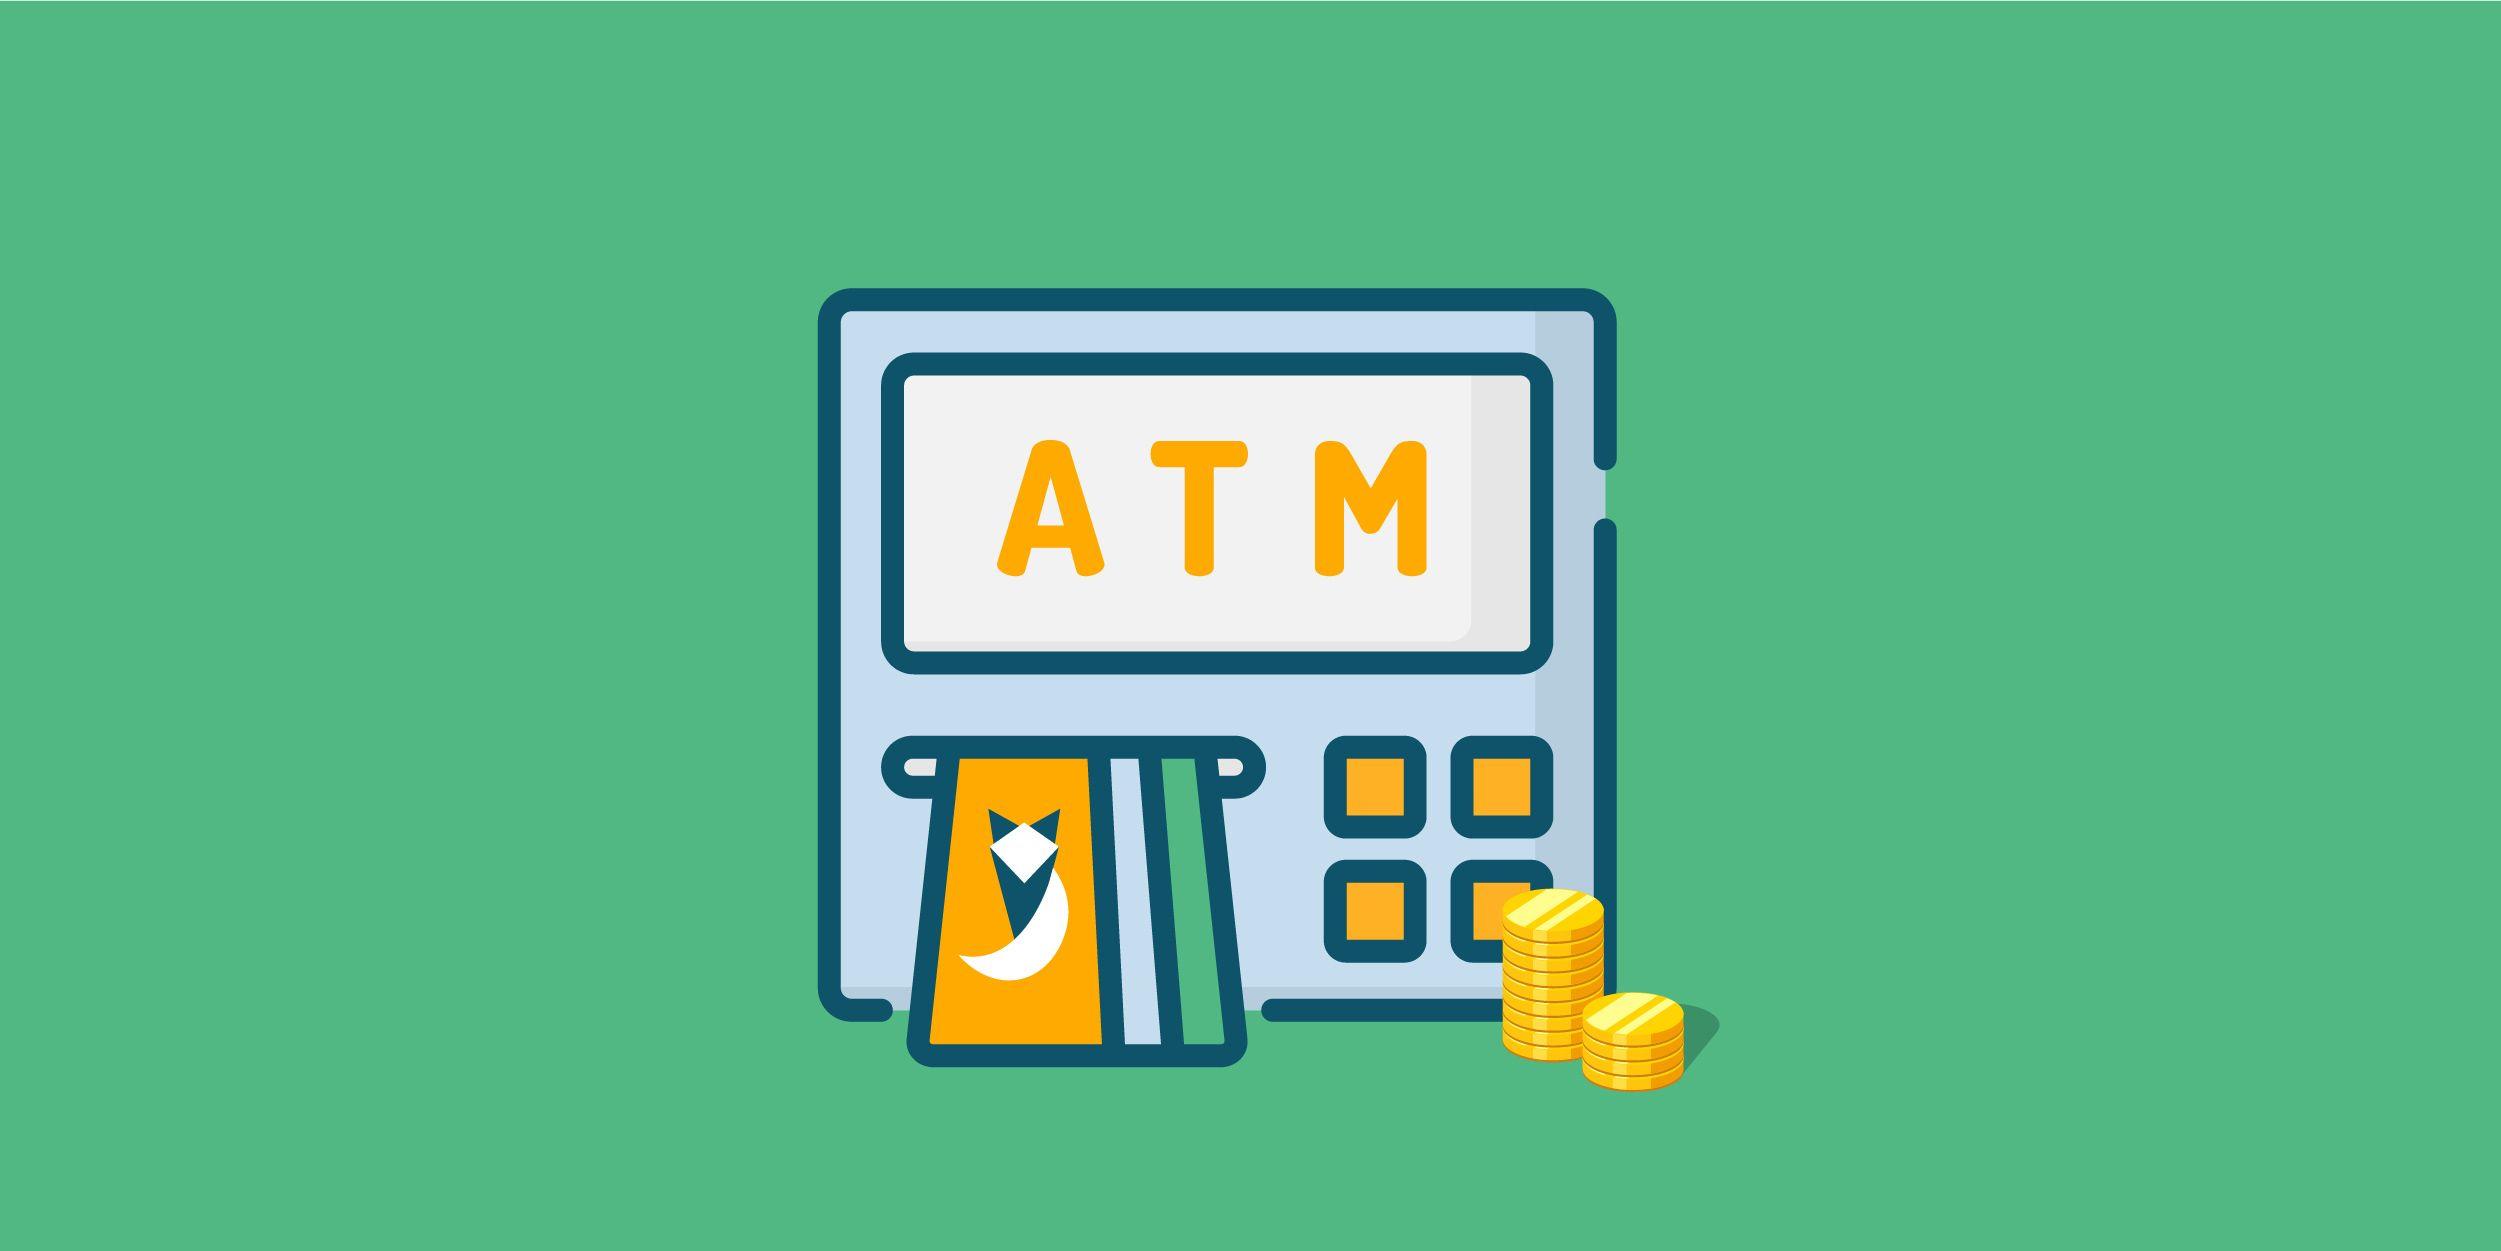 مد إلغاء الرسوم على السحب من الـ ATM بعد 30 يونيو 2021